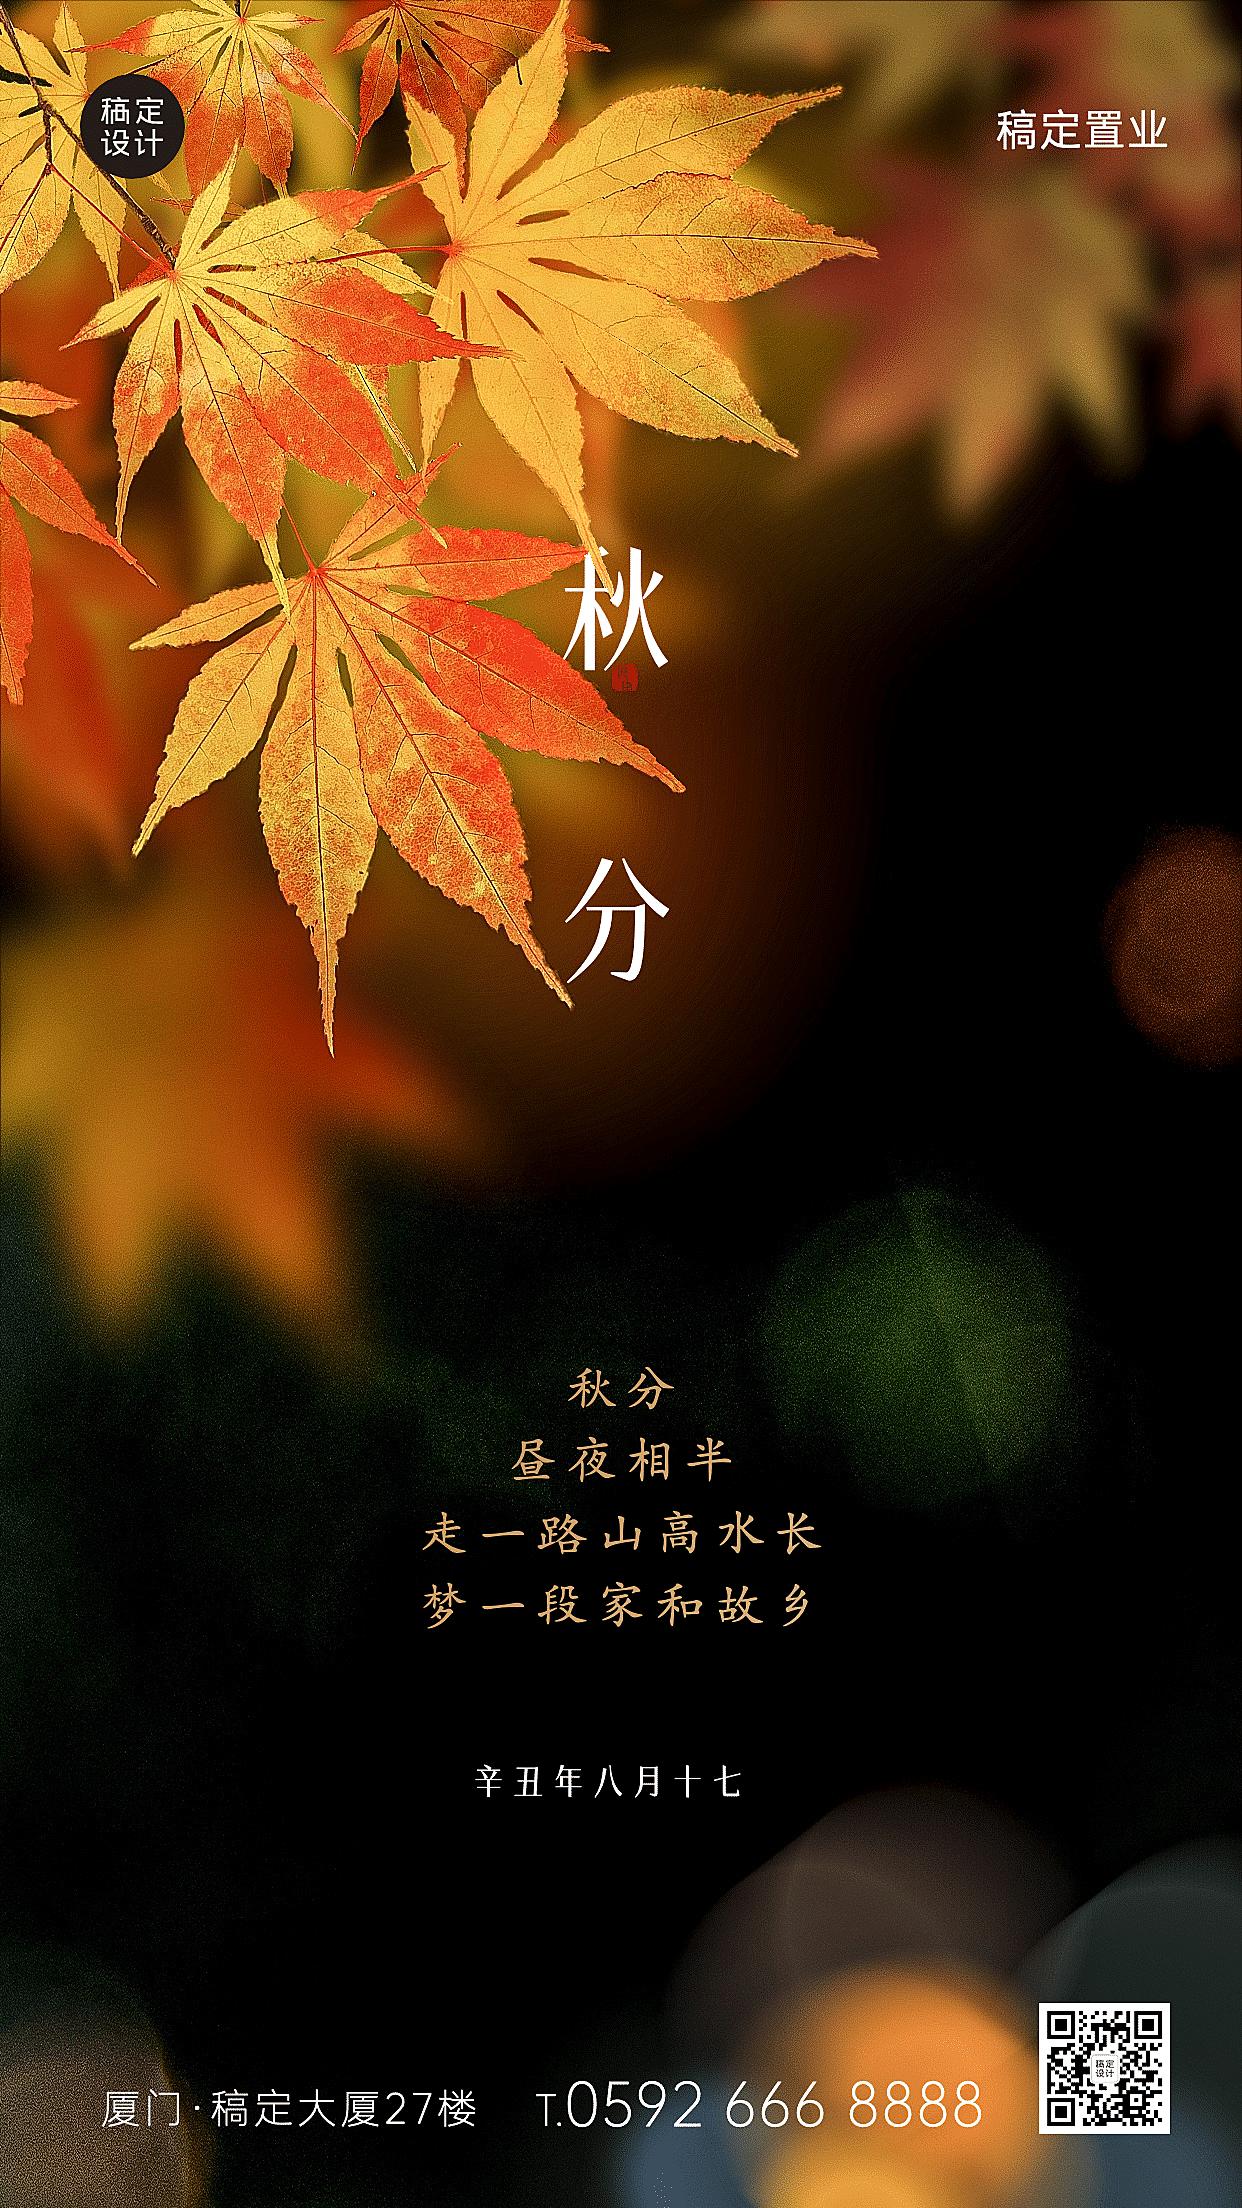 房地产秋分枫叶初秋清新祝福海报